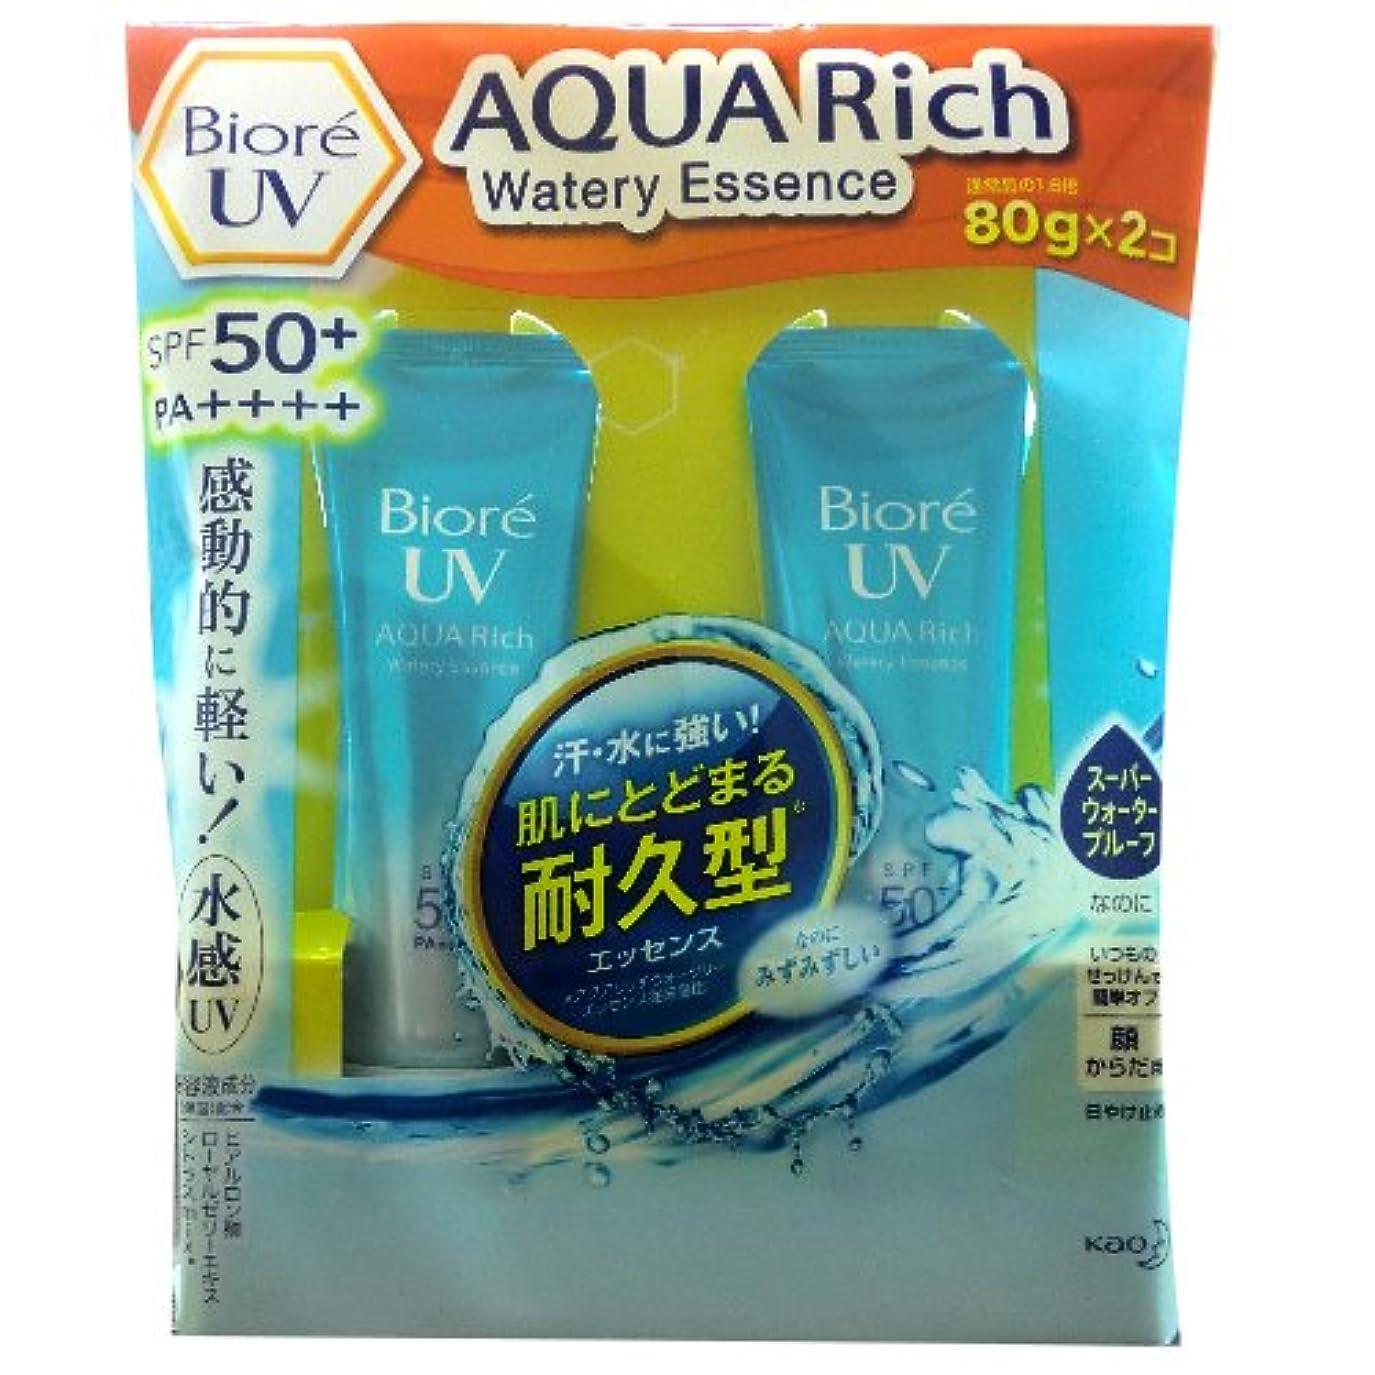 一杯スライム注釈を付けるBiore UV AQUA Rich Watery Essence 80g×2コ